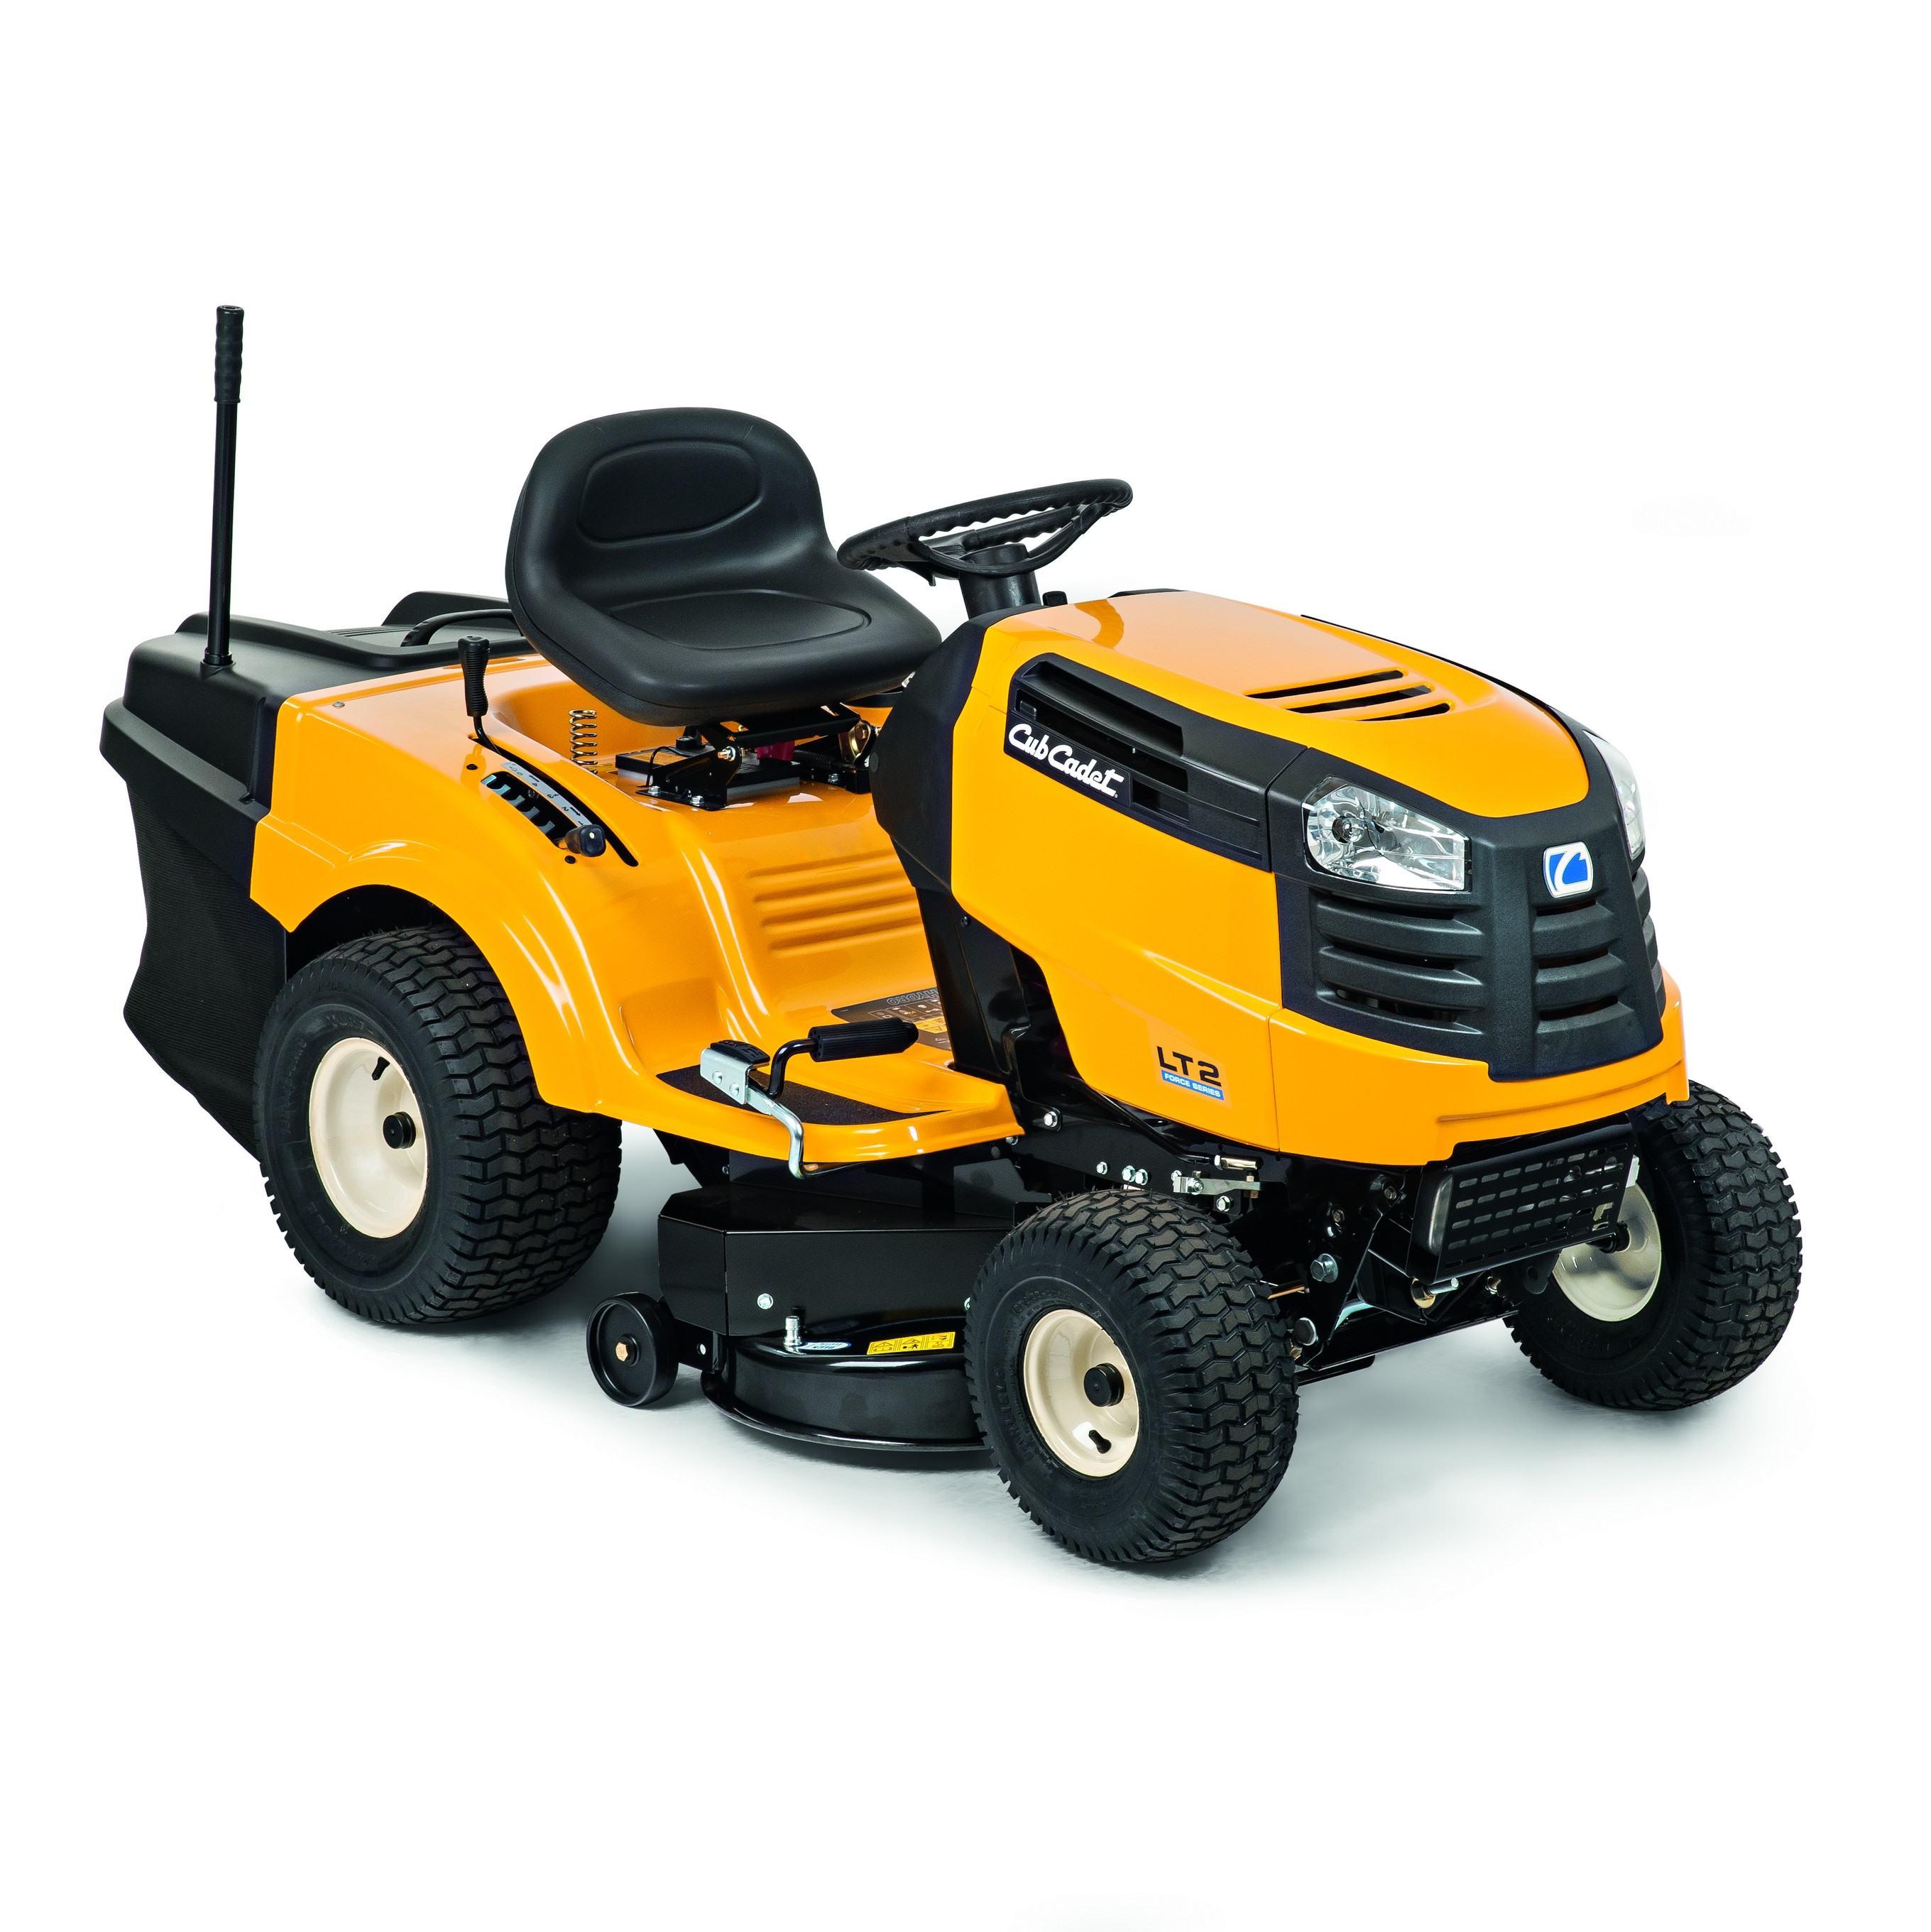 Travní traktor se zadním výhozem Cub Cadet LT2 NR92